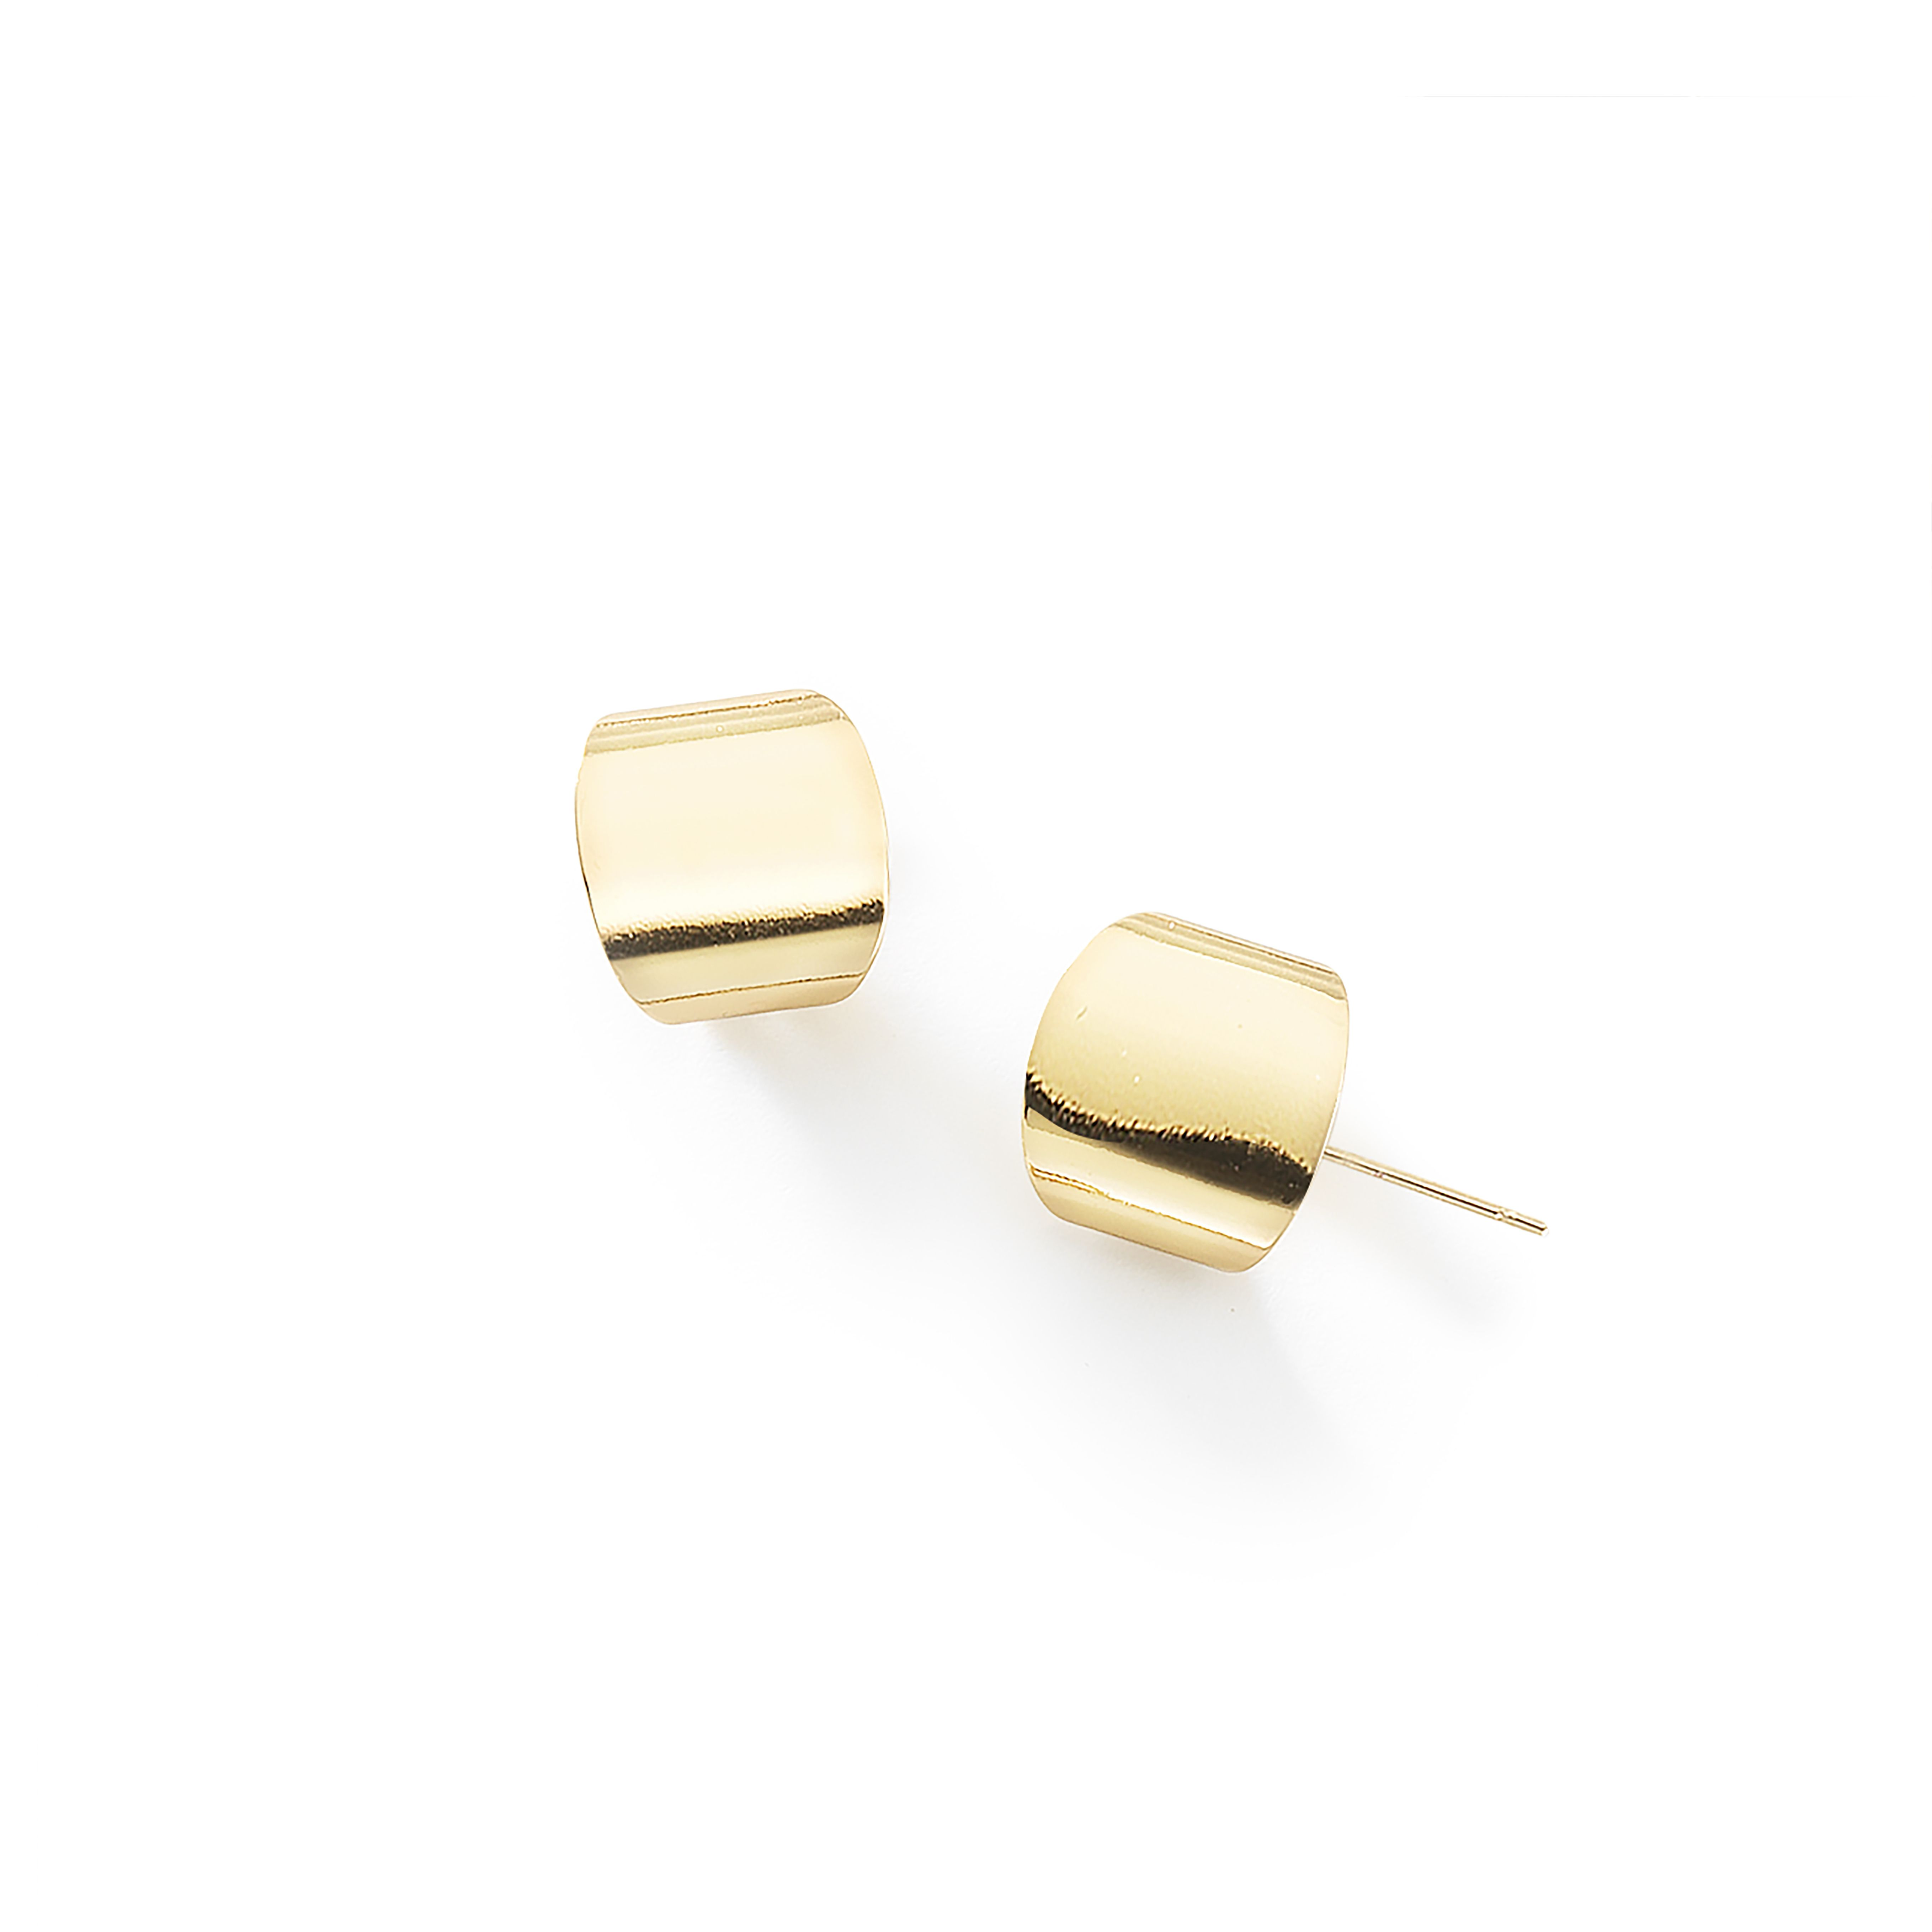 selección premium e7c38 d8946 ARRACADA. Sencillos y elegantes estos aretes de poste con su ...